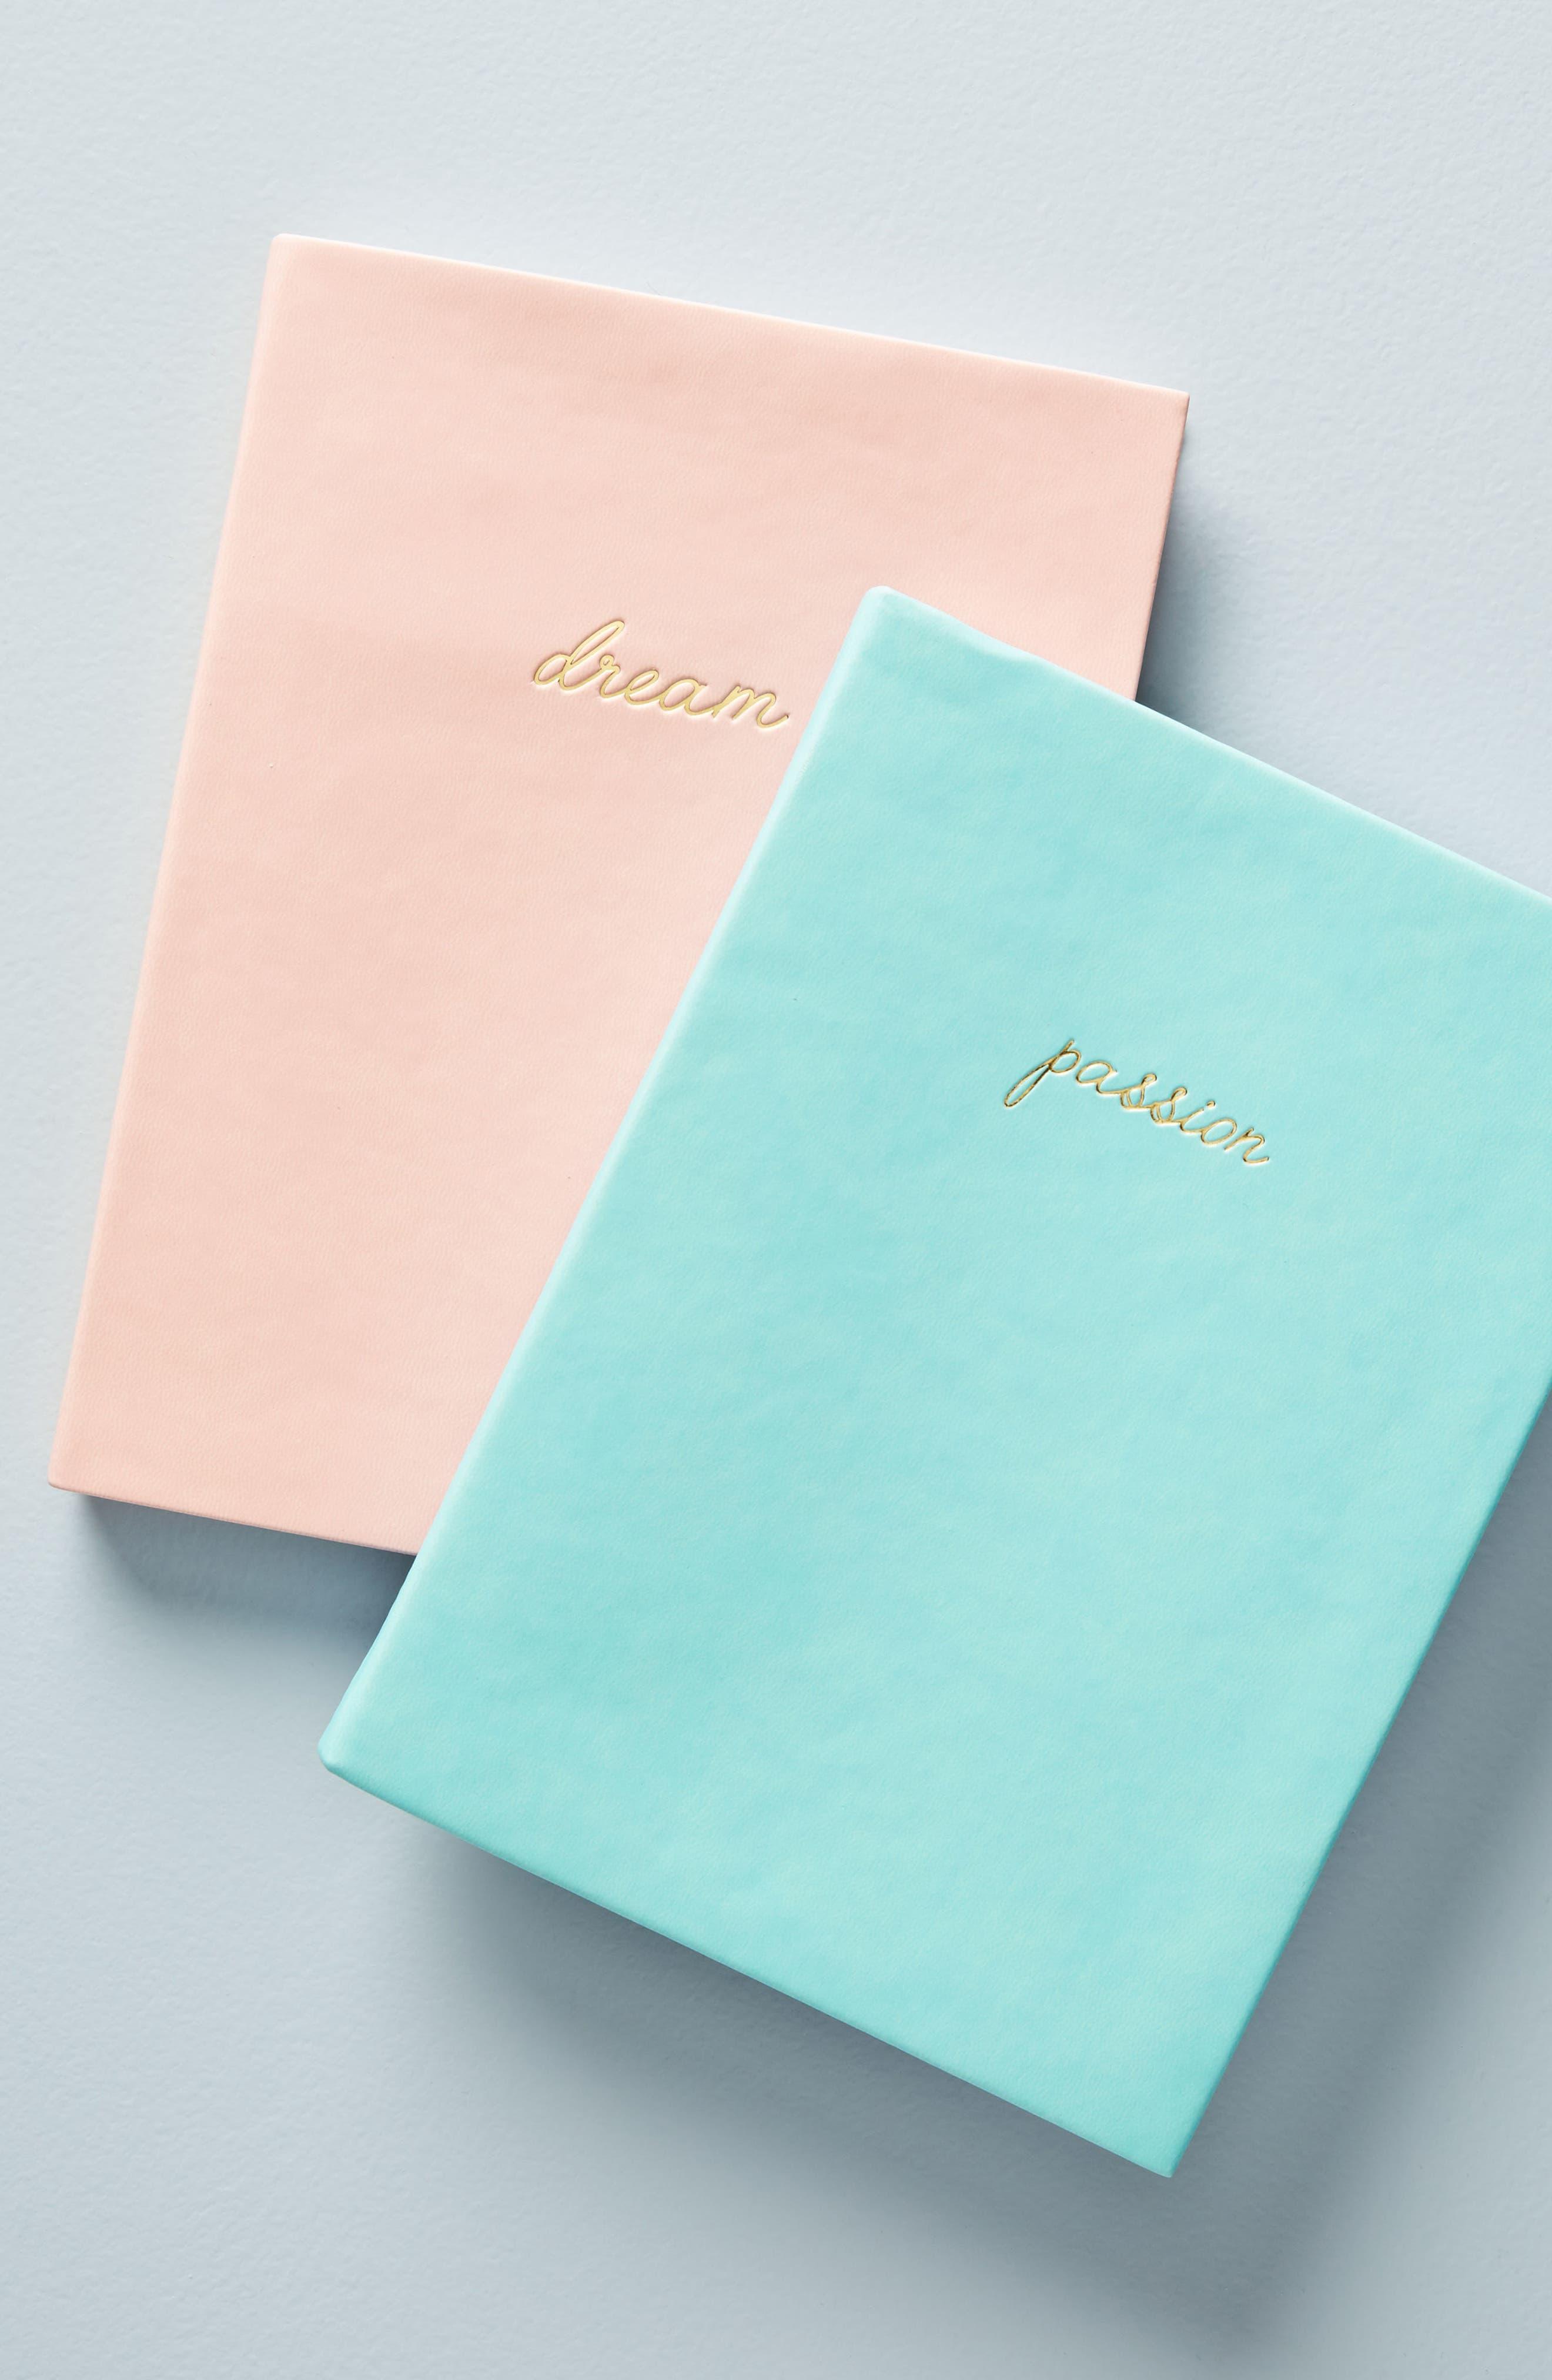 Passion & Plan Journal,                             Alternate thumbnail 5, color,                             Mint